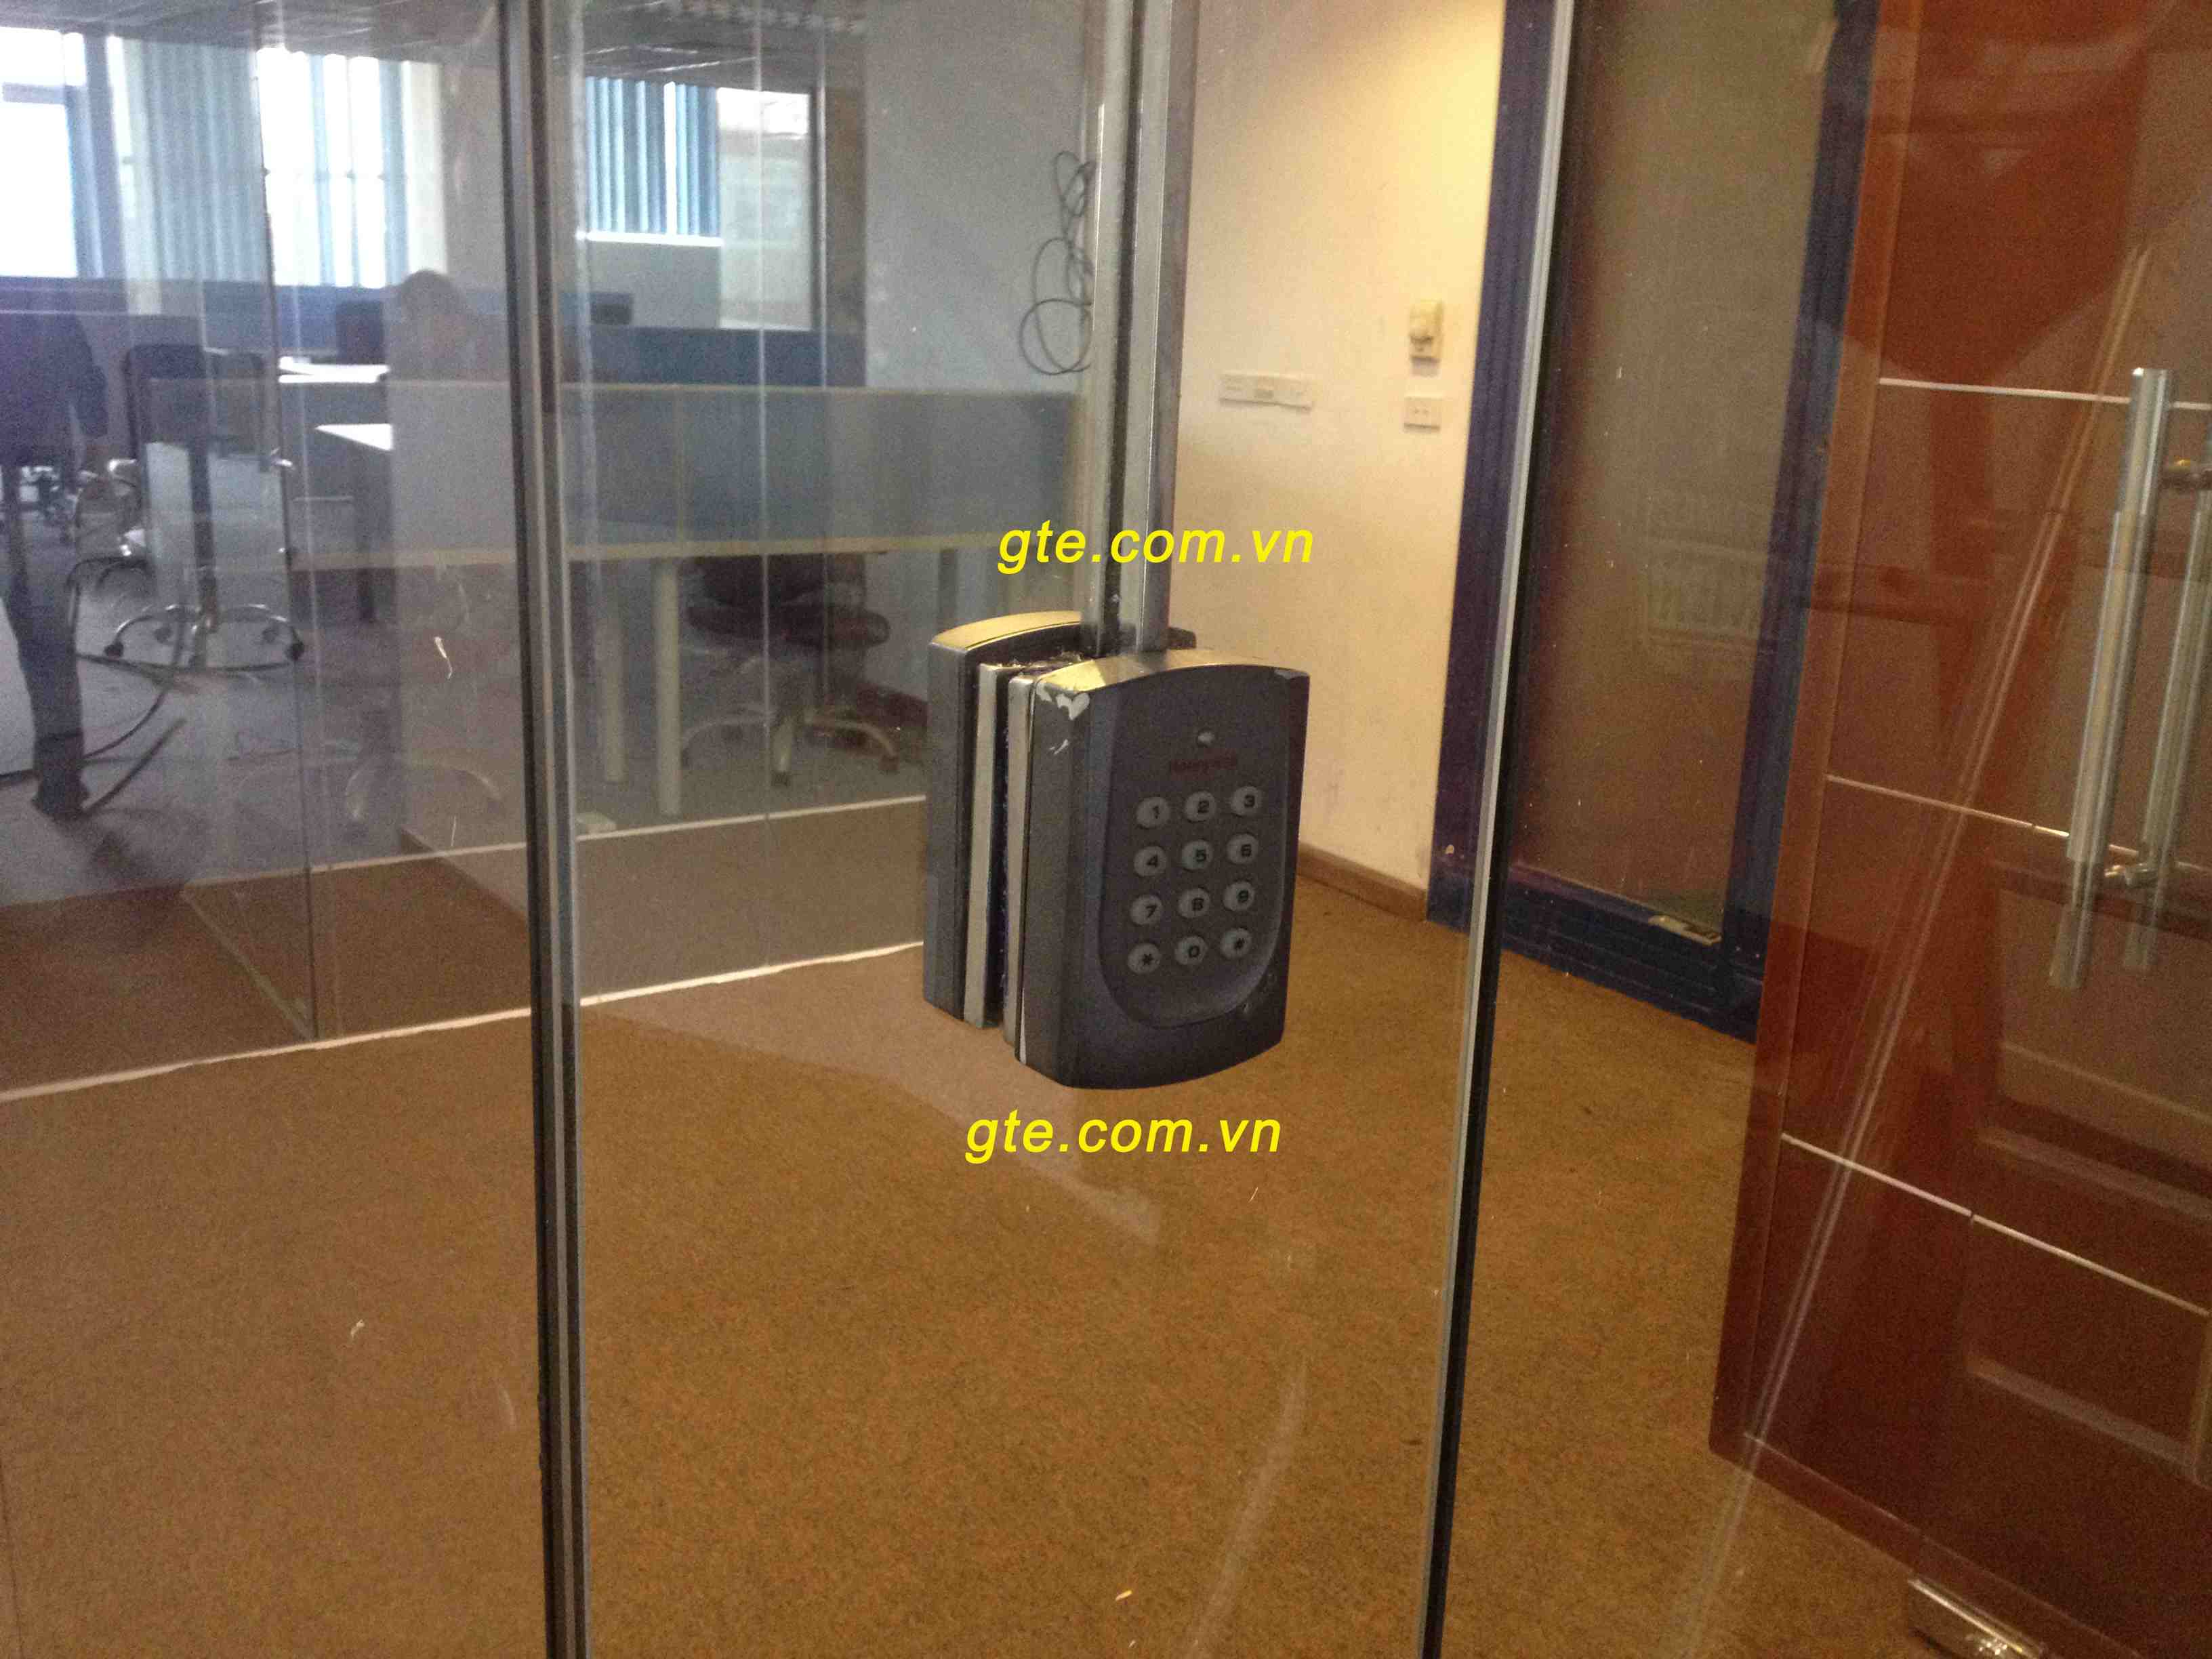 Lắp đặt hệ thống kiểm soát cửa